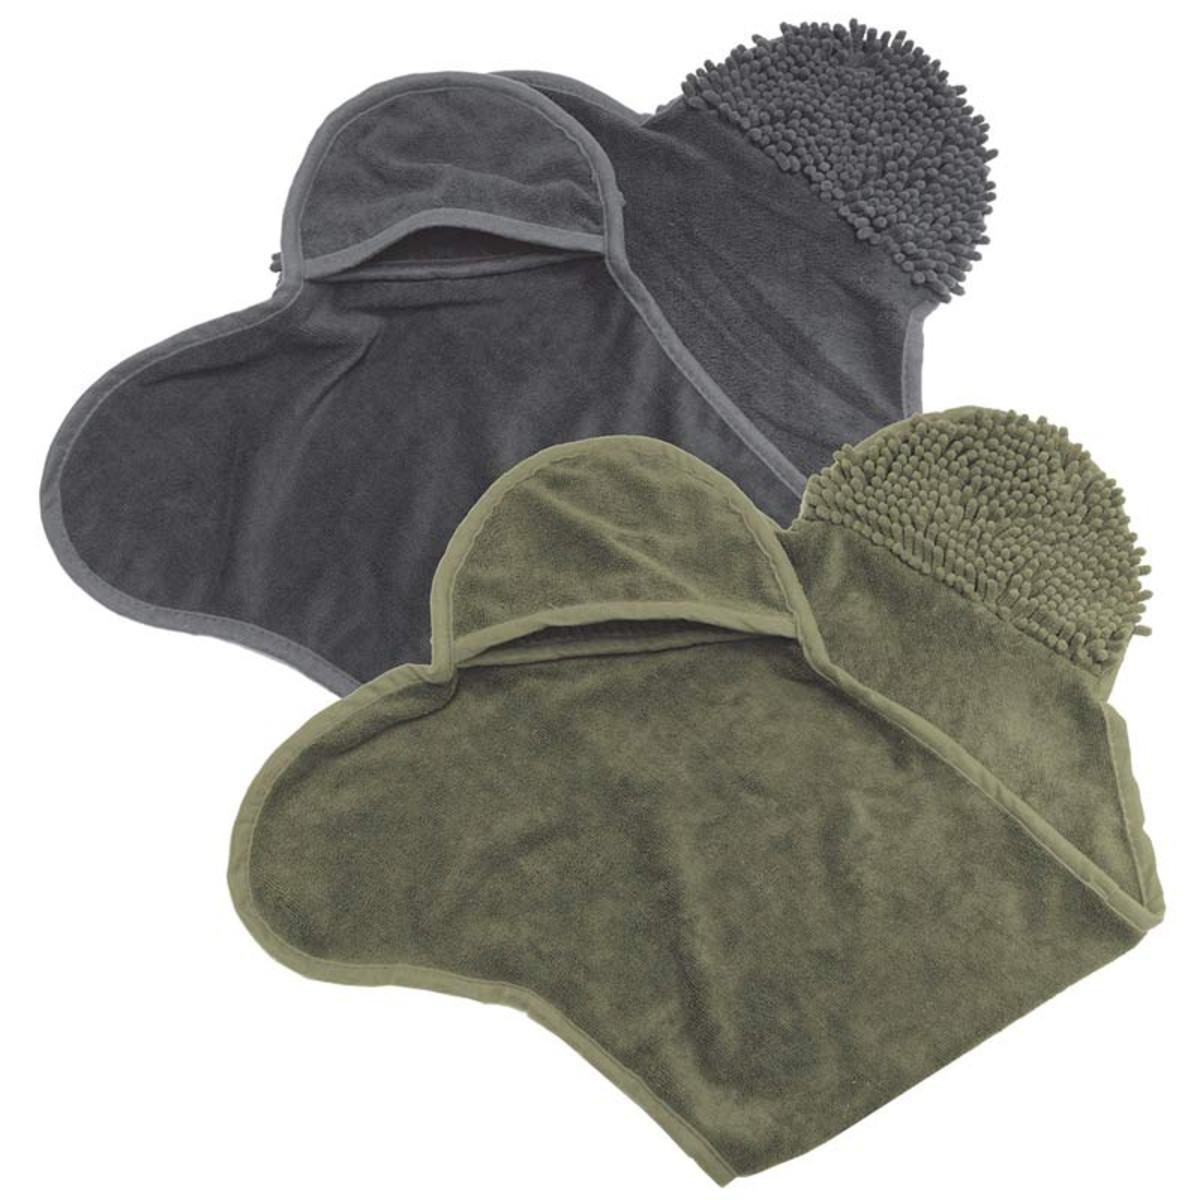 Microfiber Grooming Towels